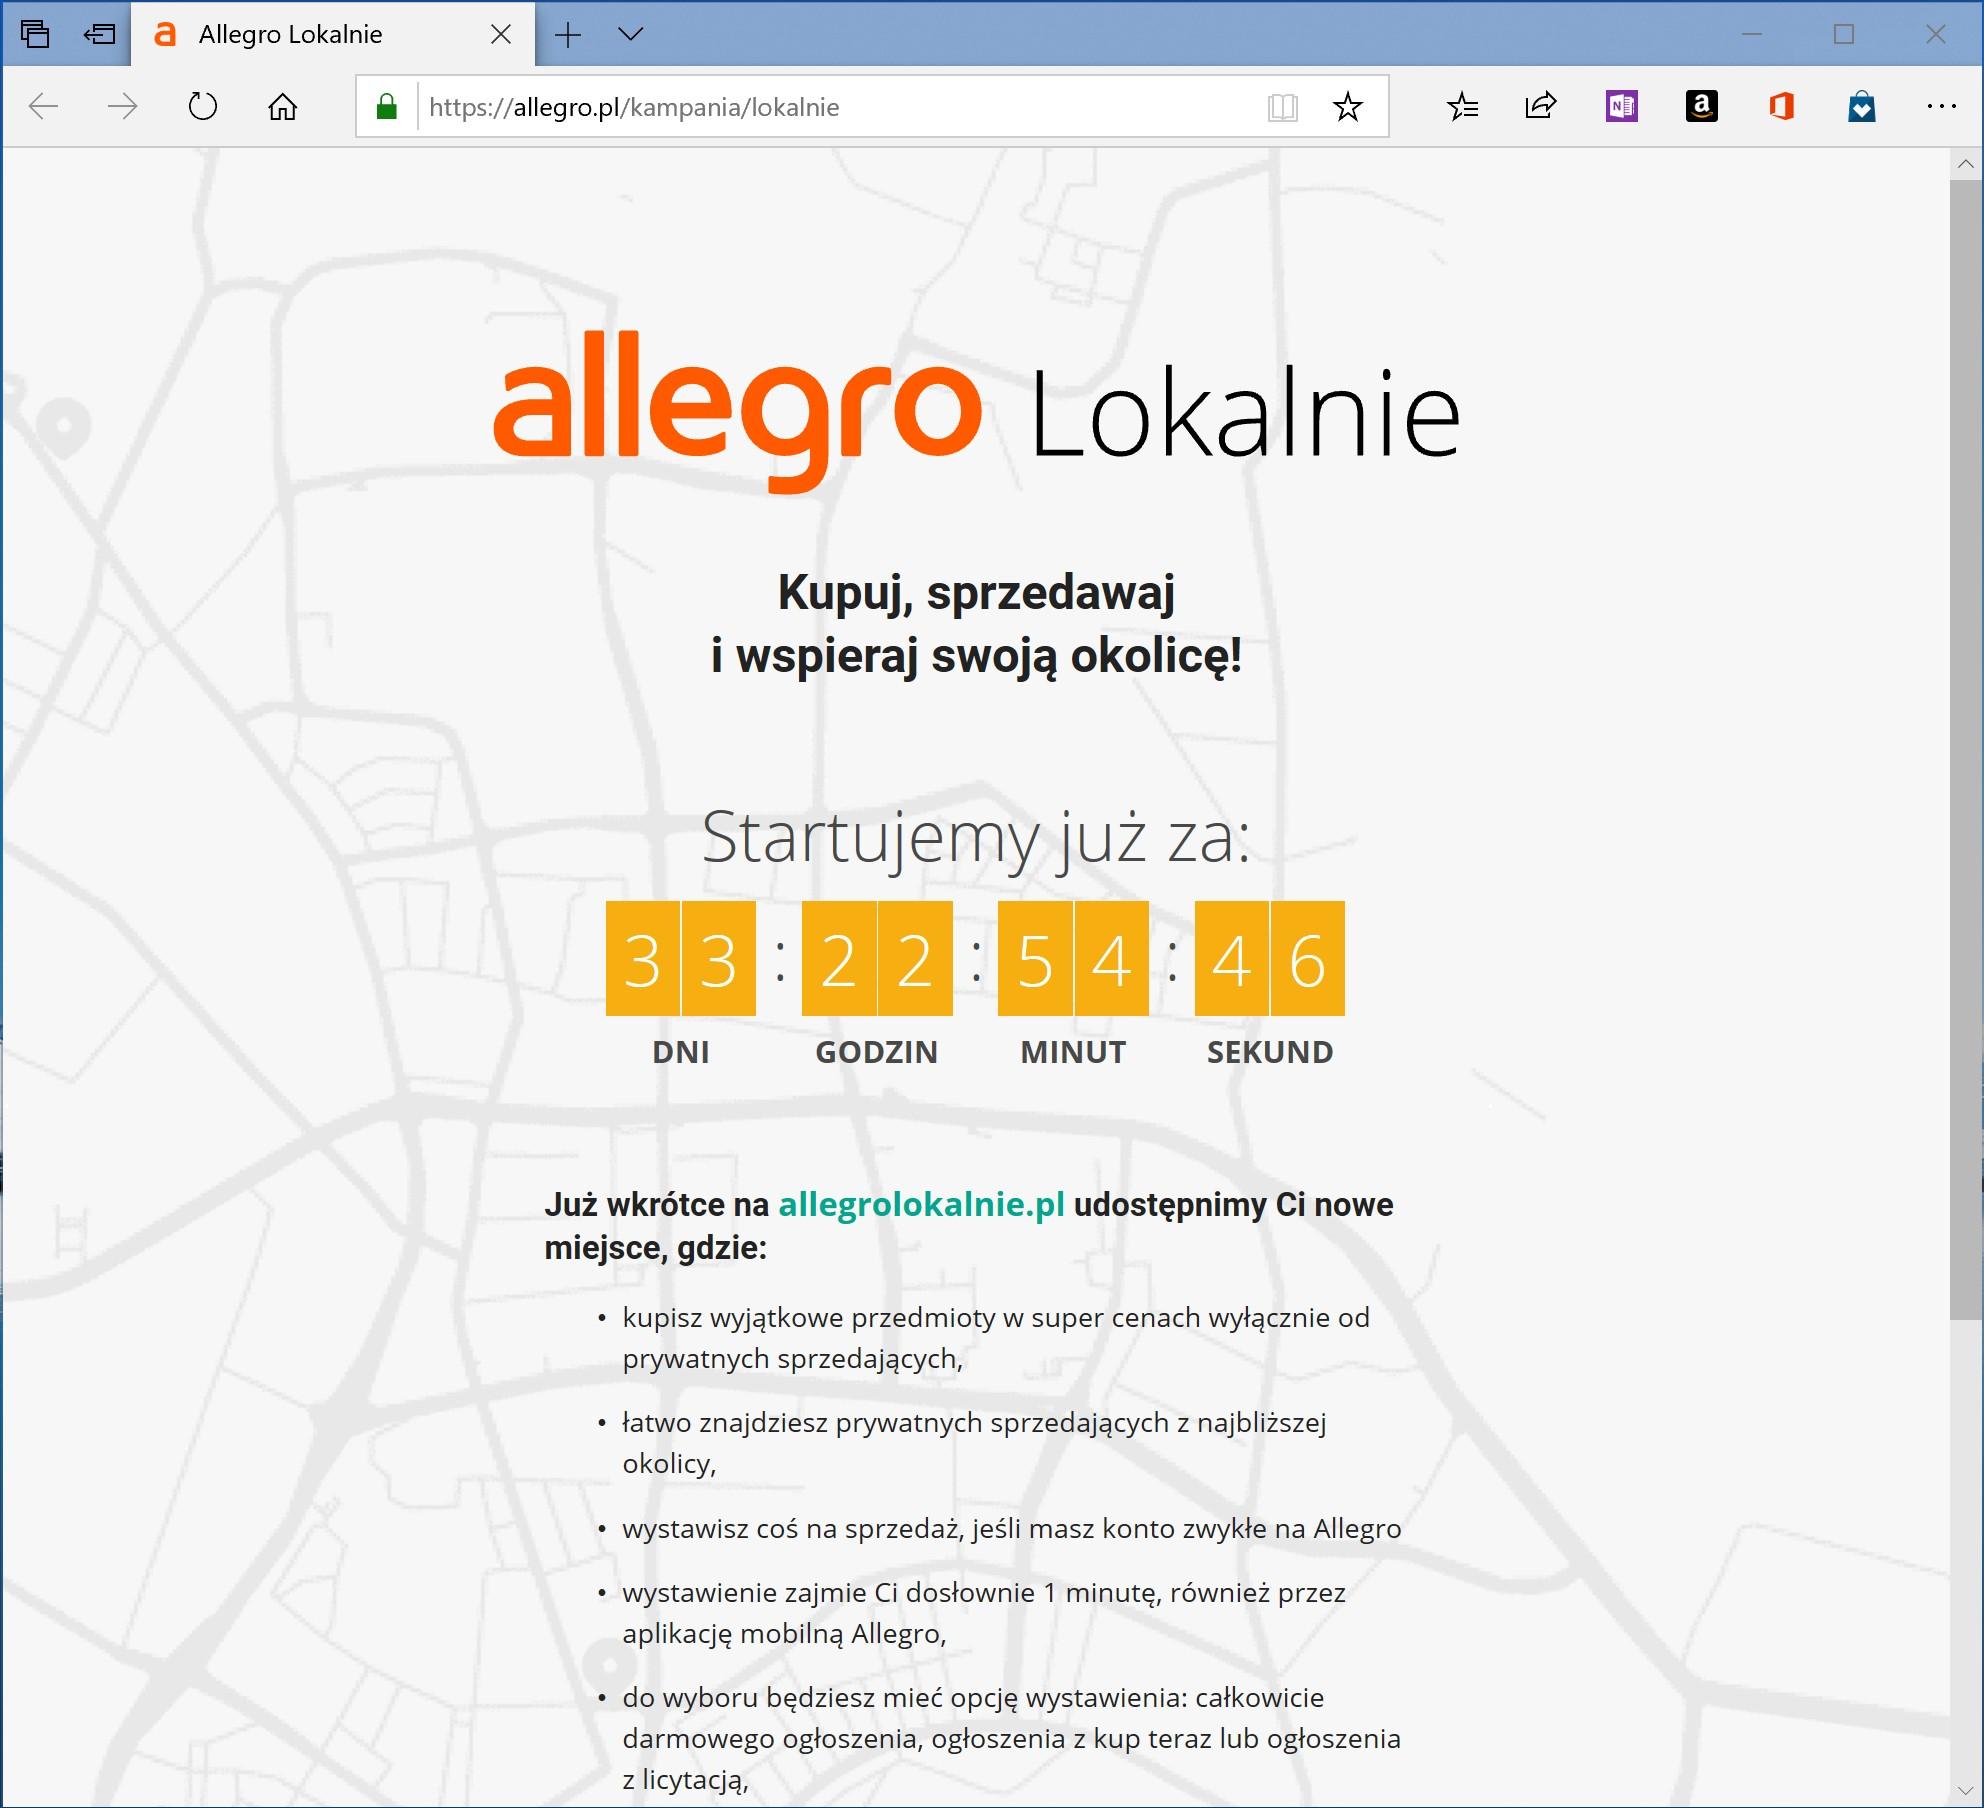 Nadchodzi Allegro Lokalnie Ogloszenia Umiescicie Bez Zadnych Oplat